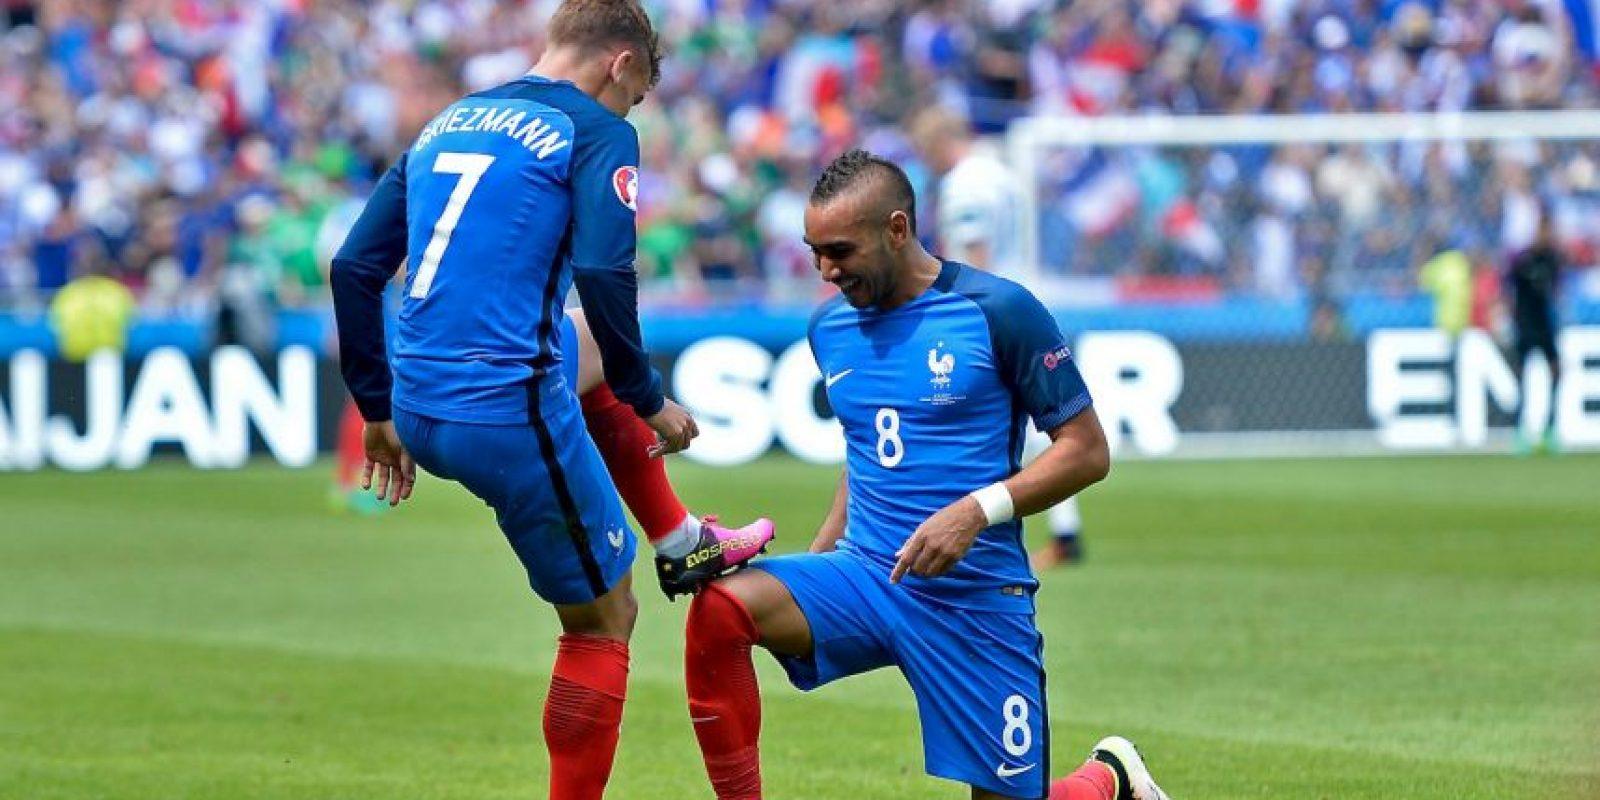 Francia tendrá que luchar con la presión de tener mucho que perder Foto:Getty Images